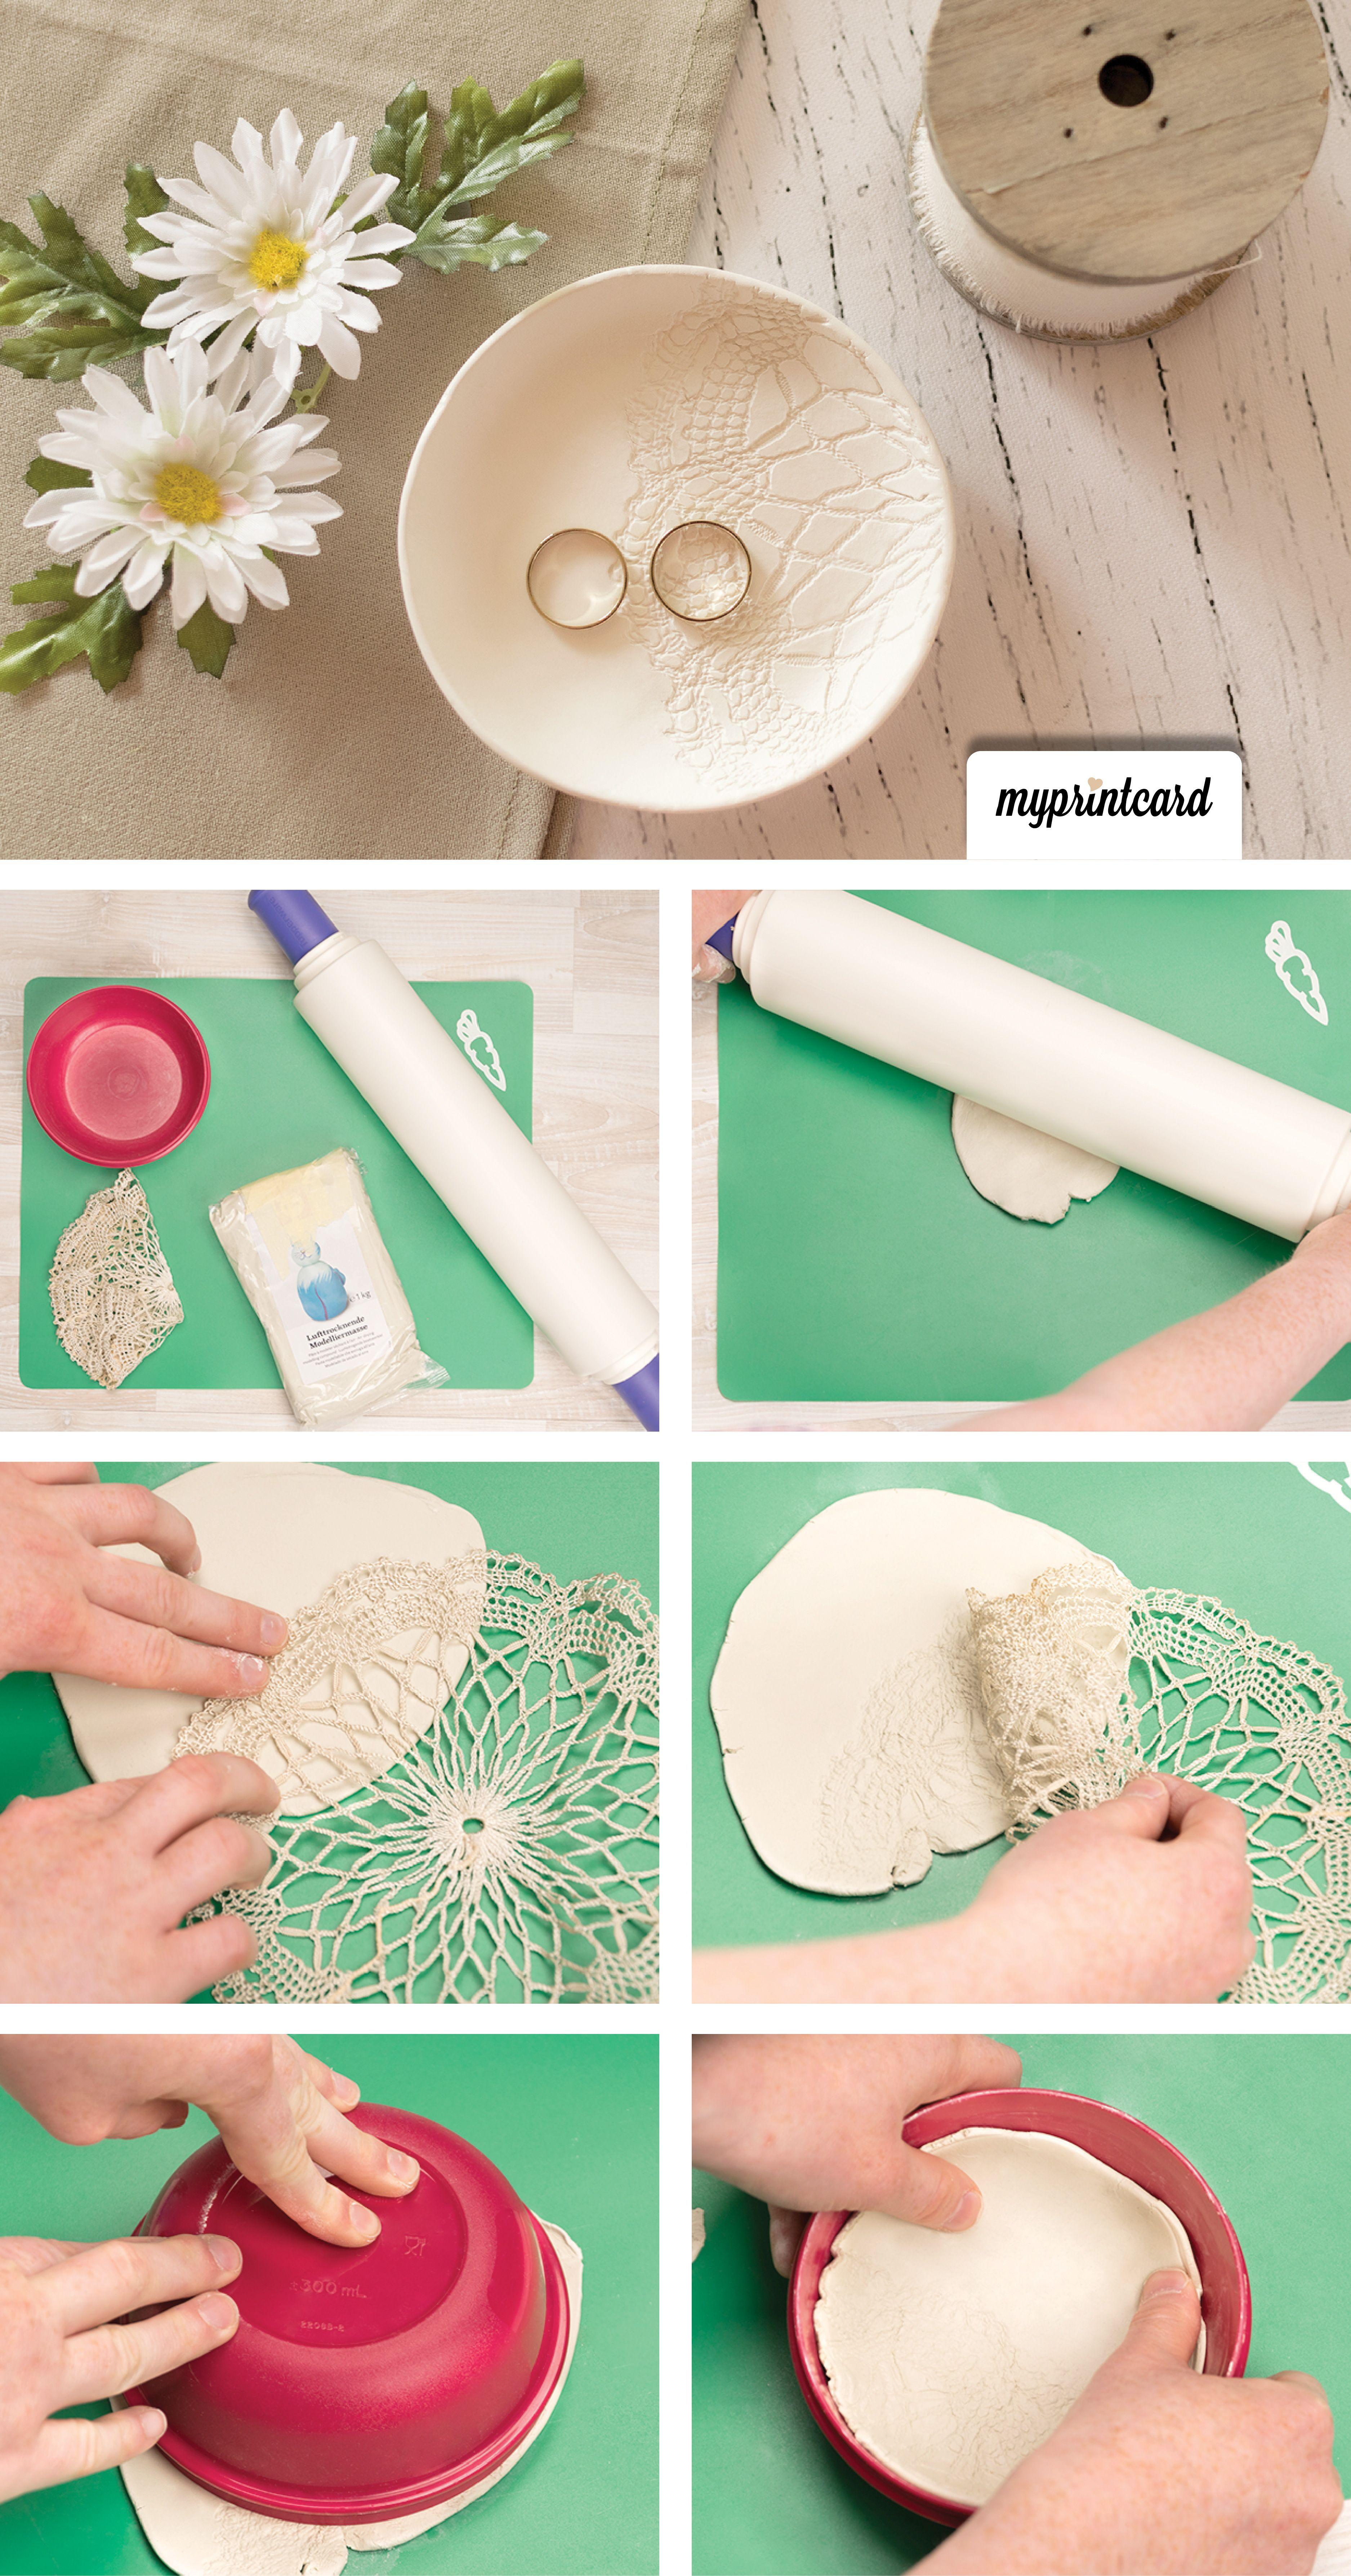 Eine Schone Vintage Ringschale Kann Man Ganz Einfach Selber Machen Diy Anleitung Basteln Hochzeit Tutorial Diy Clay Crafts Clay Crafts Diy Crafts To Sell